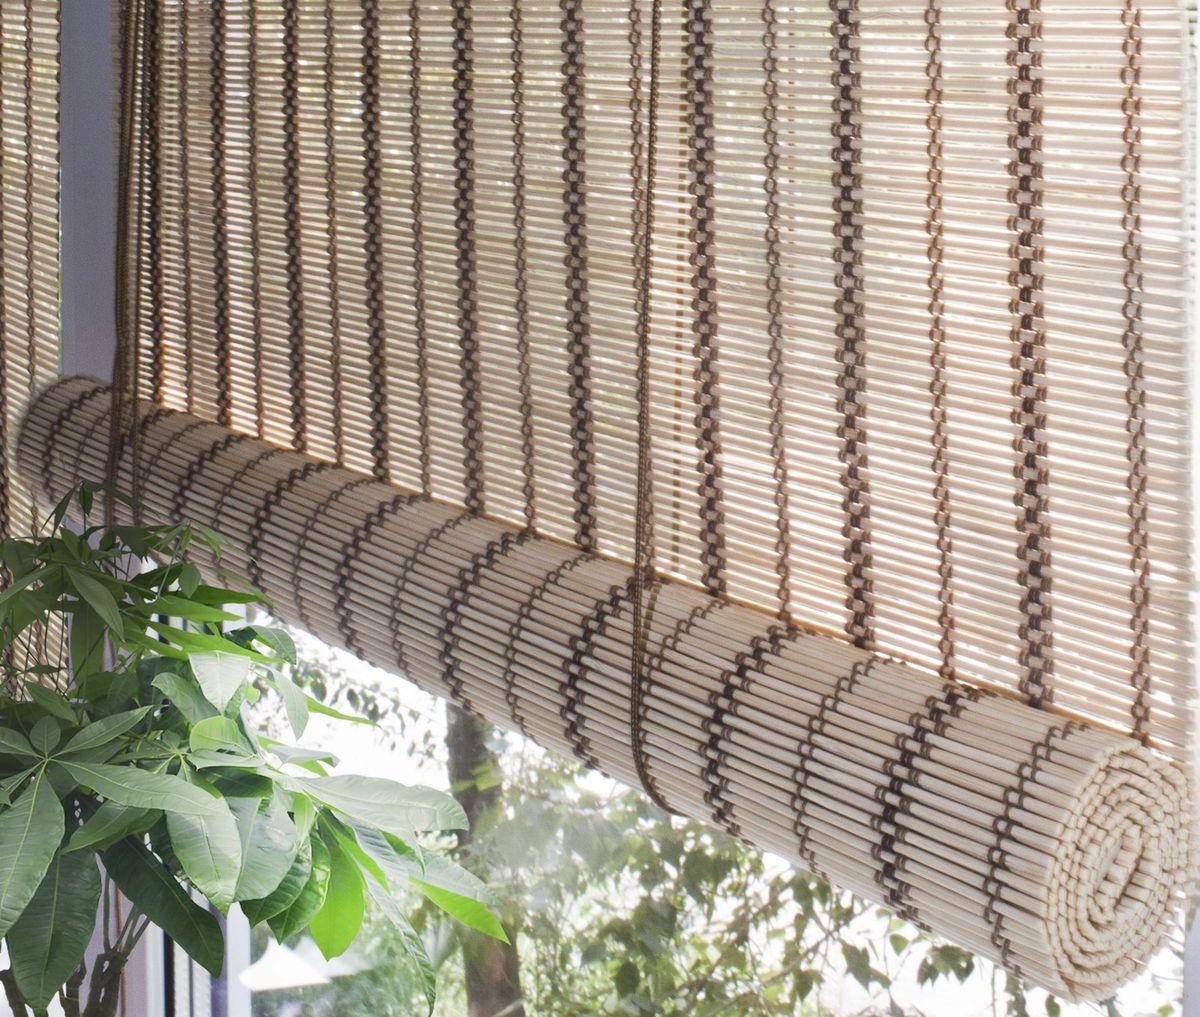 Штора рулонная Эскар Бамбук, цвет: золотой беж, ширина 80 см, высота 160 см38933052215При оформлении интерьера современных помещений многие отдают предпочтение природным материалам. Бамбуковые рулонные шторы - одно из натуральных изделий, способное сделать атмосферу помещения более уютной и в то же время необычной. Свойства бамбука уникальны: он экологически чист, так как быстро вырастает, благодаря чему не успевает накопить вредные вещества из окружающей среды. Кроме того, растение обладает противомикробным и антибактериальным действием. Занавеси из бамбука безопасно использовать в помещениях, где находятся новорожденные дети и люди, склонные к аллергии. Они незаменимы для тех, кто заботится о своем здоровье и уделяет внимание высокому уровню жизни.Бамбуковые рулонные шторы представляют собой полотно, состоящее из тонких бамбуковых стеблей и сворачиваемое в рулон.Римские бамбуковые шторы, как и тканевые римские шторы, при поднятии образуют крупные складки, которые прекрасно декорируют окно.Особенность устройства полотна позволяет свободно пропускать дневной свет, что обеспечивает мягкое освещение комнаты. Это натуральный влагостойкий материал, который легко вписывается в любой интерьер, хорошо сочетается с различной мебелью и элементами отделки. Использование бамбукового полотна придает помещению необычный вид и визуально расширяет пространство.Помимо внешней красоты, это еще и очень удобные конструкции, экономящие пространство. Изготавливаются они из специальных материалов, устойчивых к внешним воздействиям. Сама штора очень эргономичная, и позволяет изменять визуально пространство в зависимости от потребностей владельца.